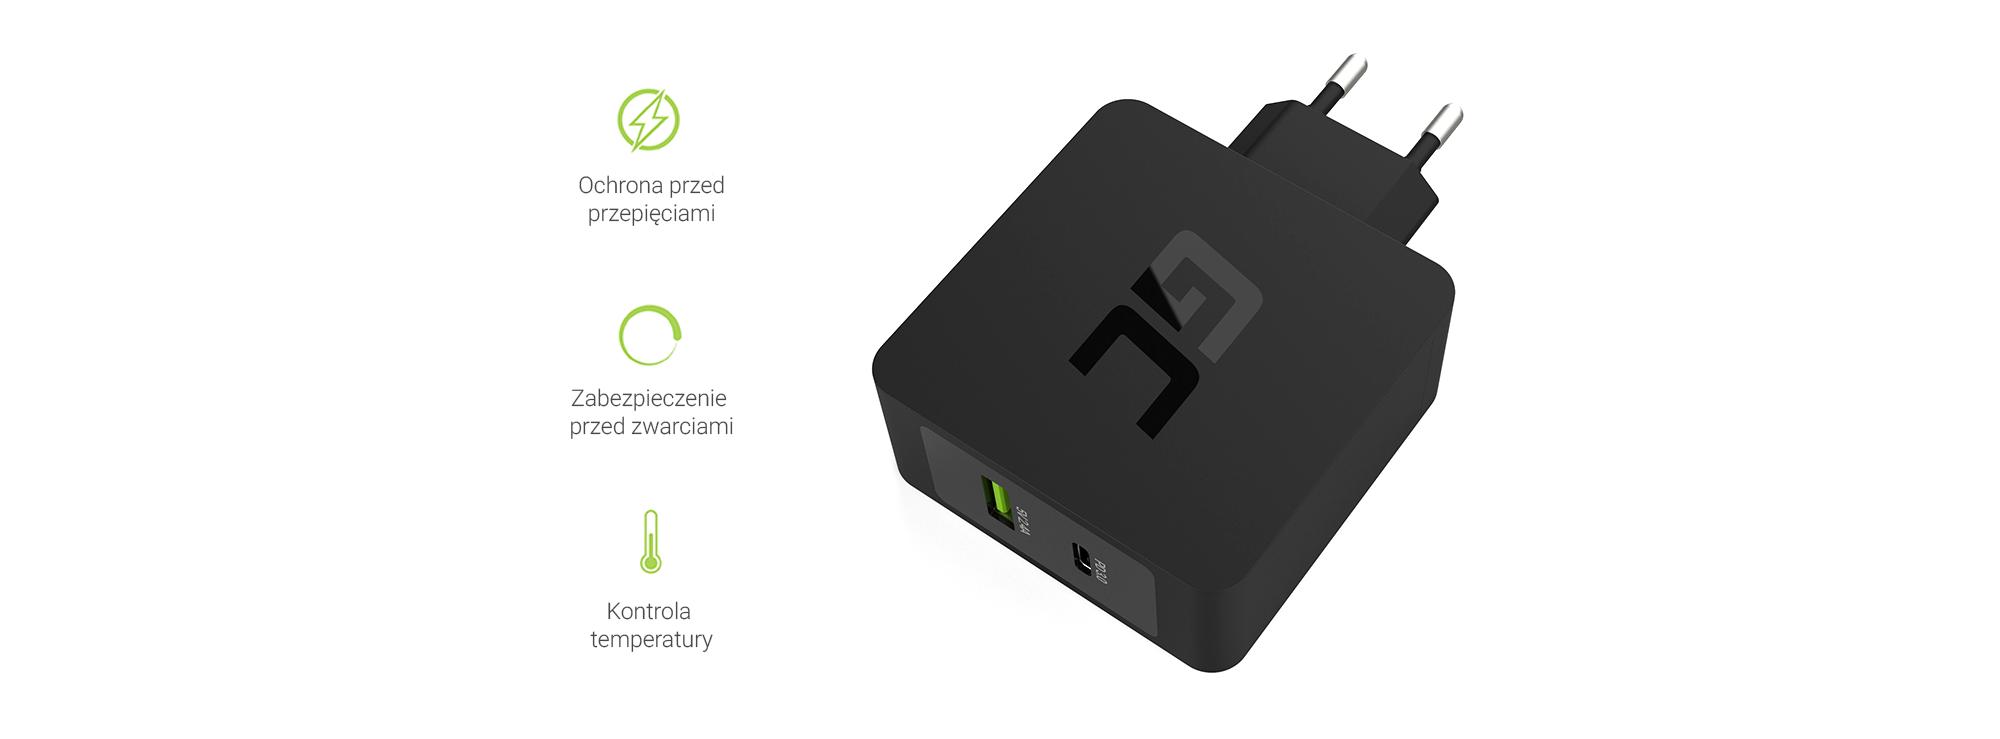 Ładowarka USB-C Power Delivery 18W - Zabezpieczenia